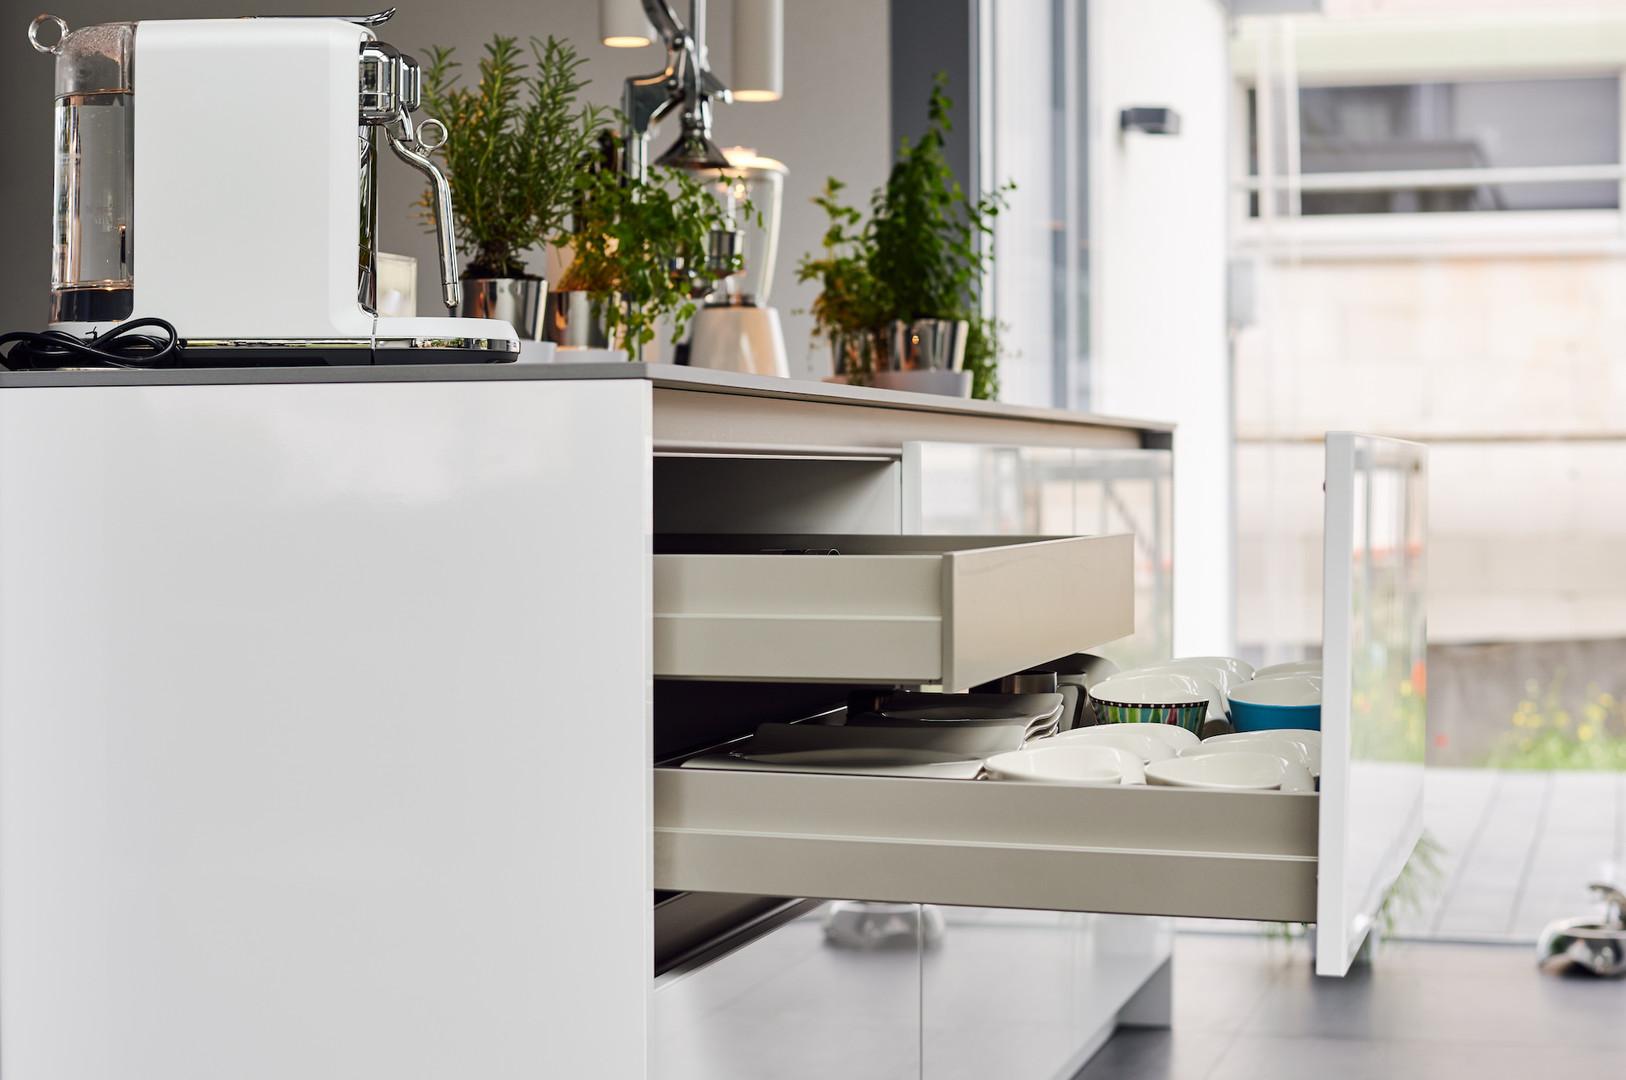 Küchenstudio-Braun_2020-06-05_13-15-37.j